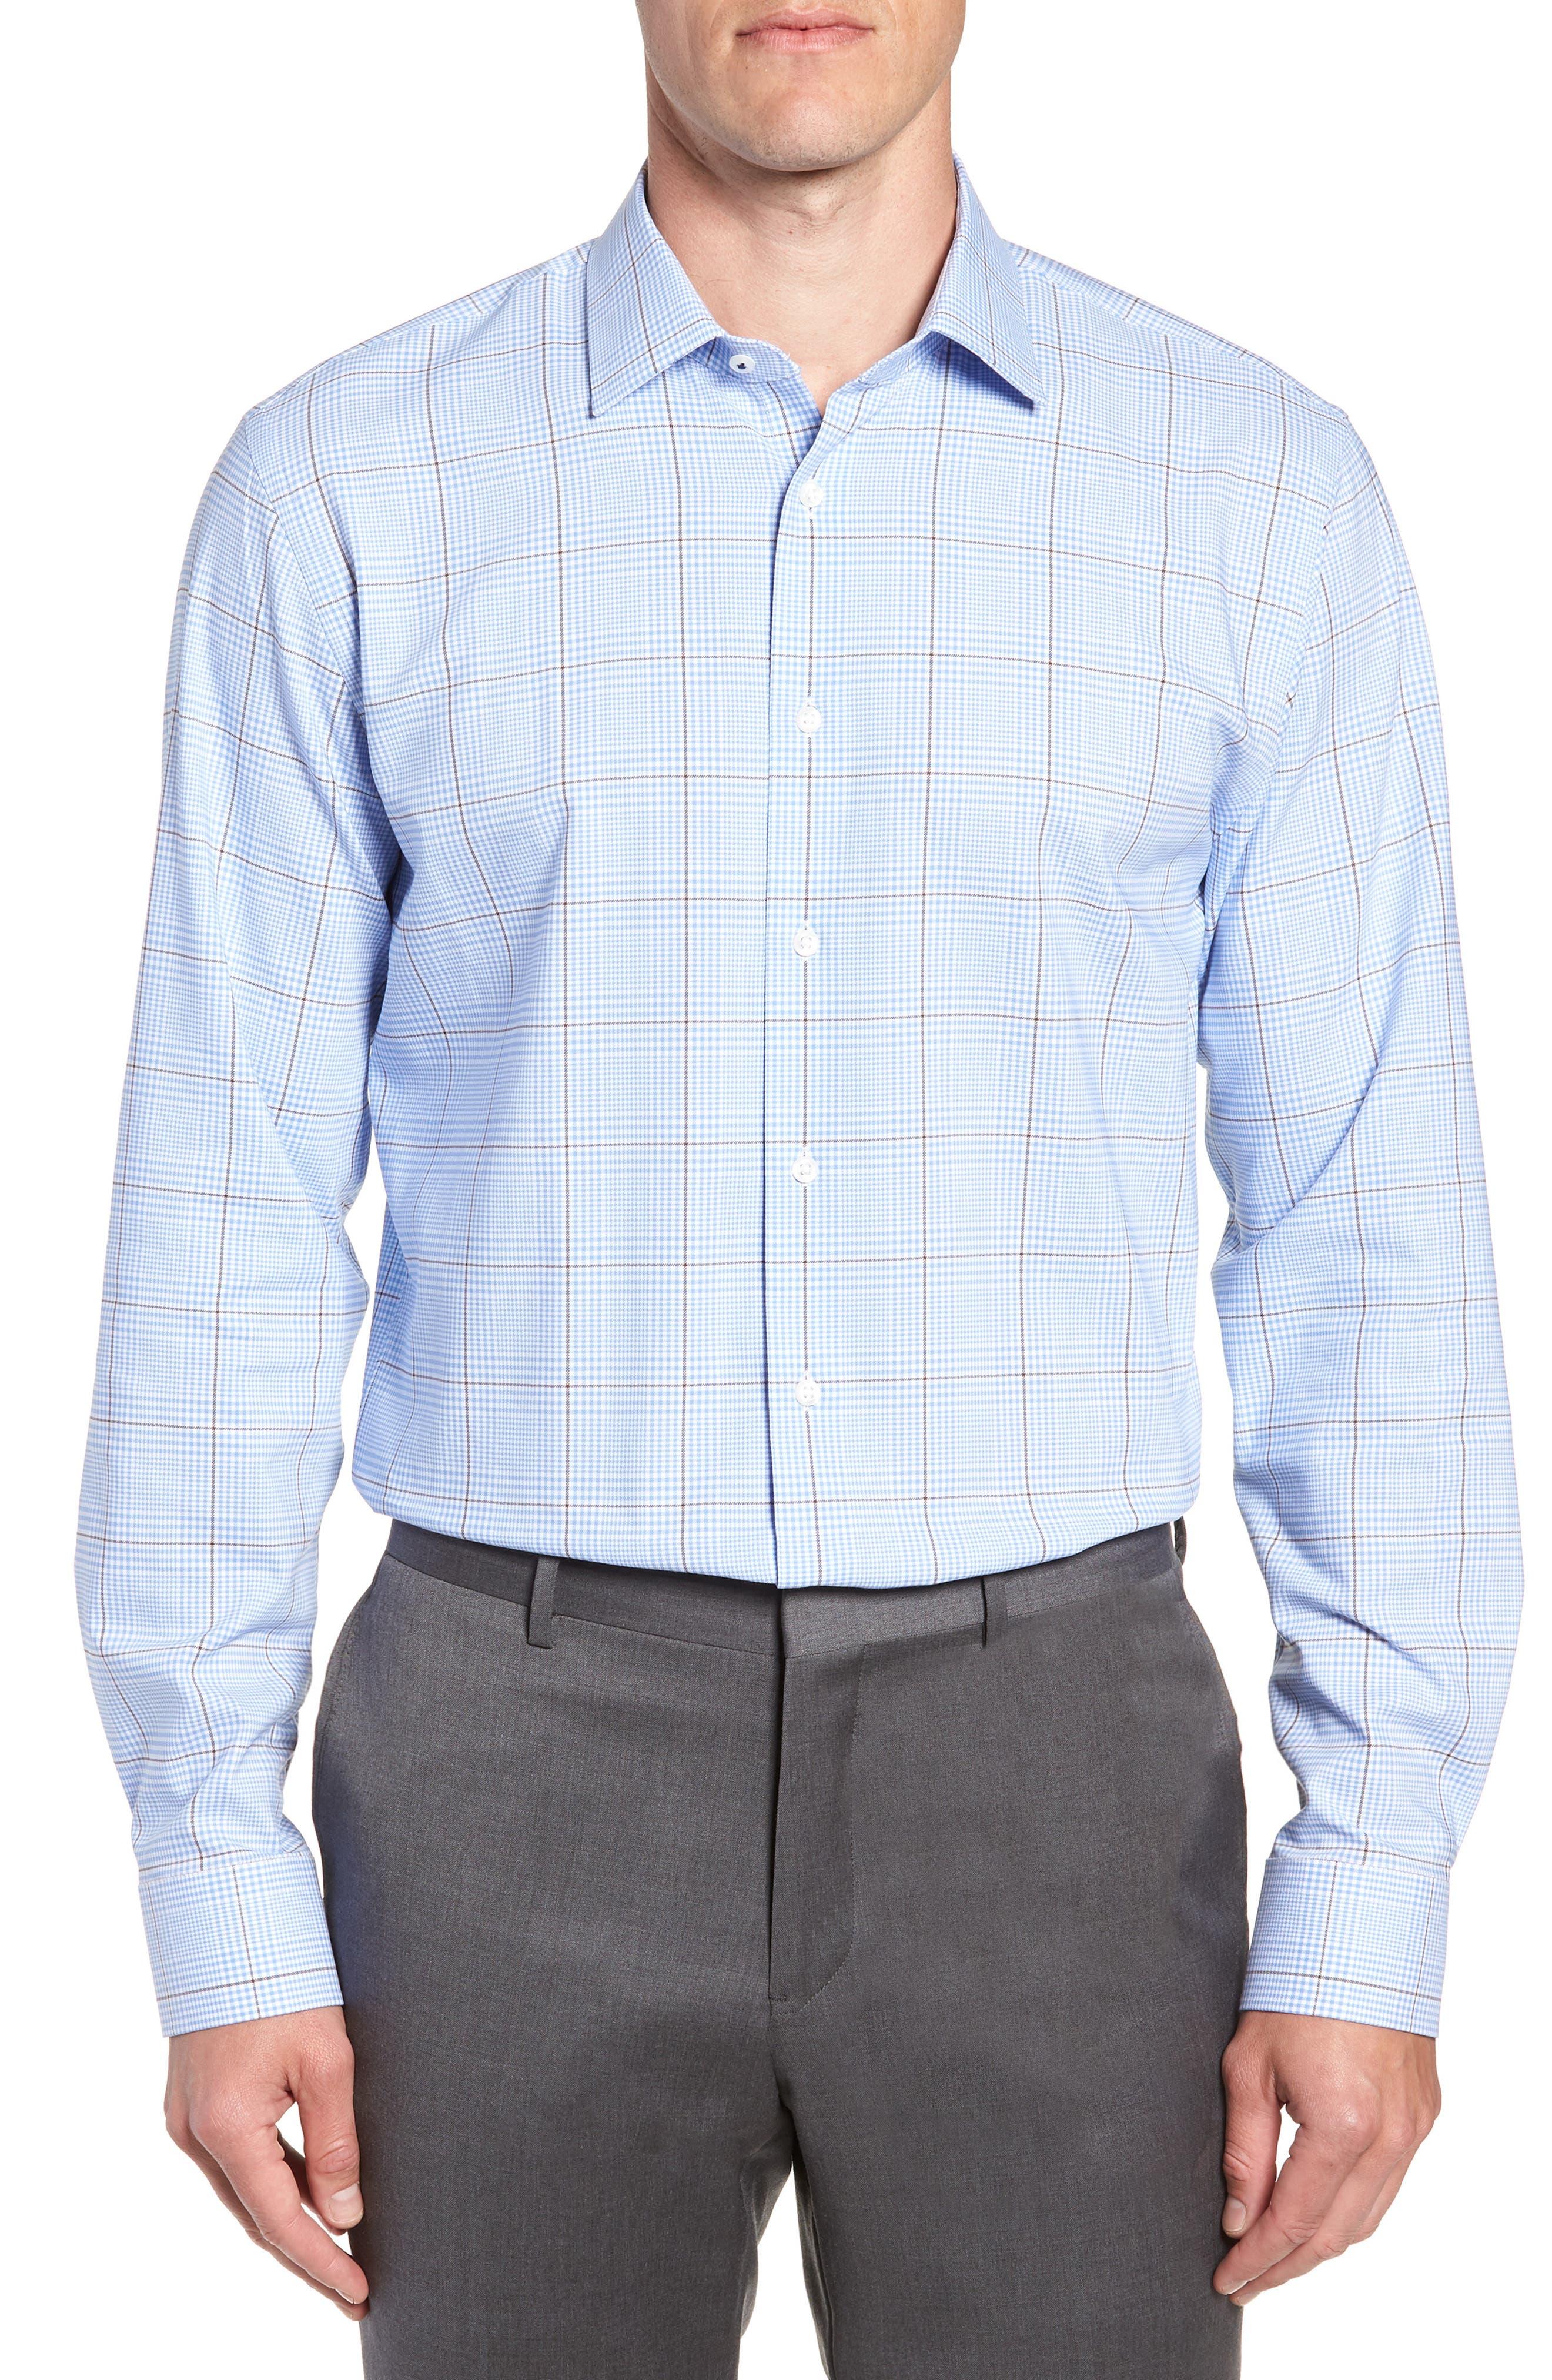 Tech-Smart Trim Fit Stretch Plaid Dress Shirt,                             Main thumbnail 1, color,                             BLUE HAZE